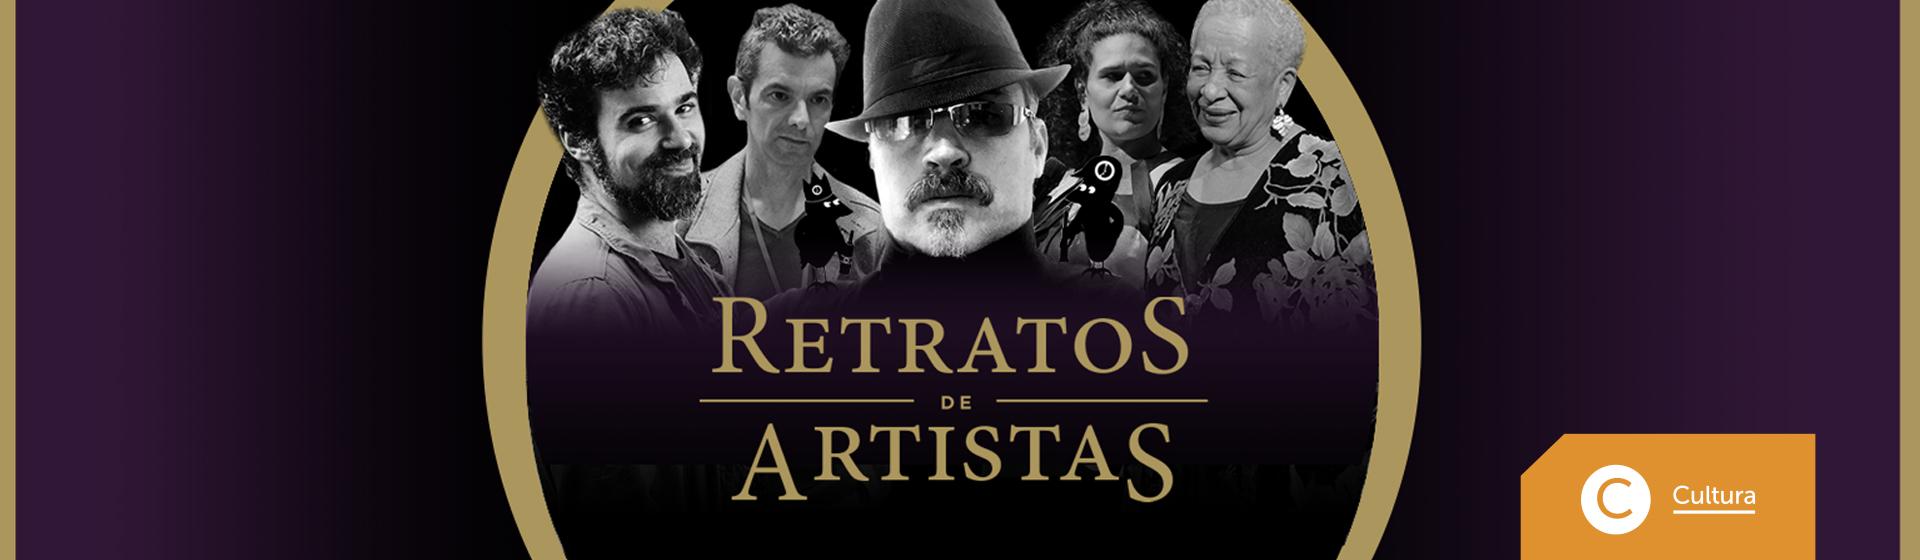 Retratos de Artistas | Uniandes